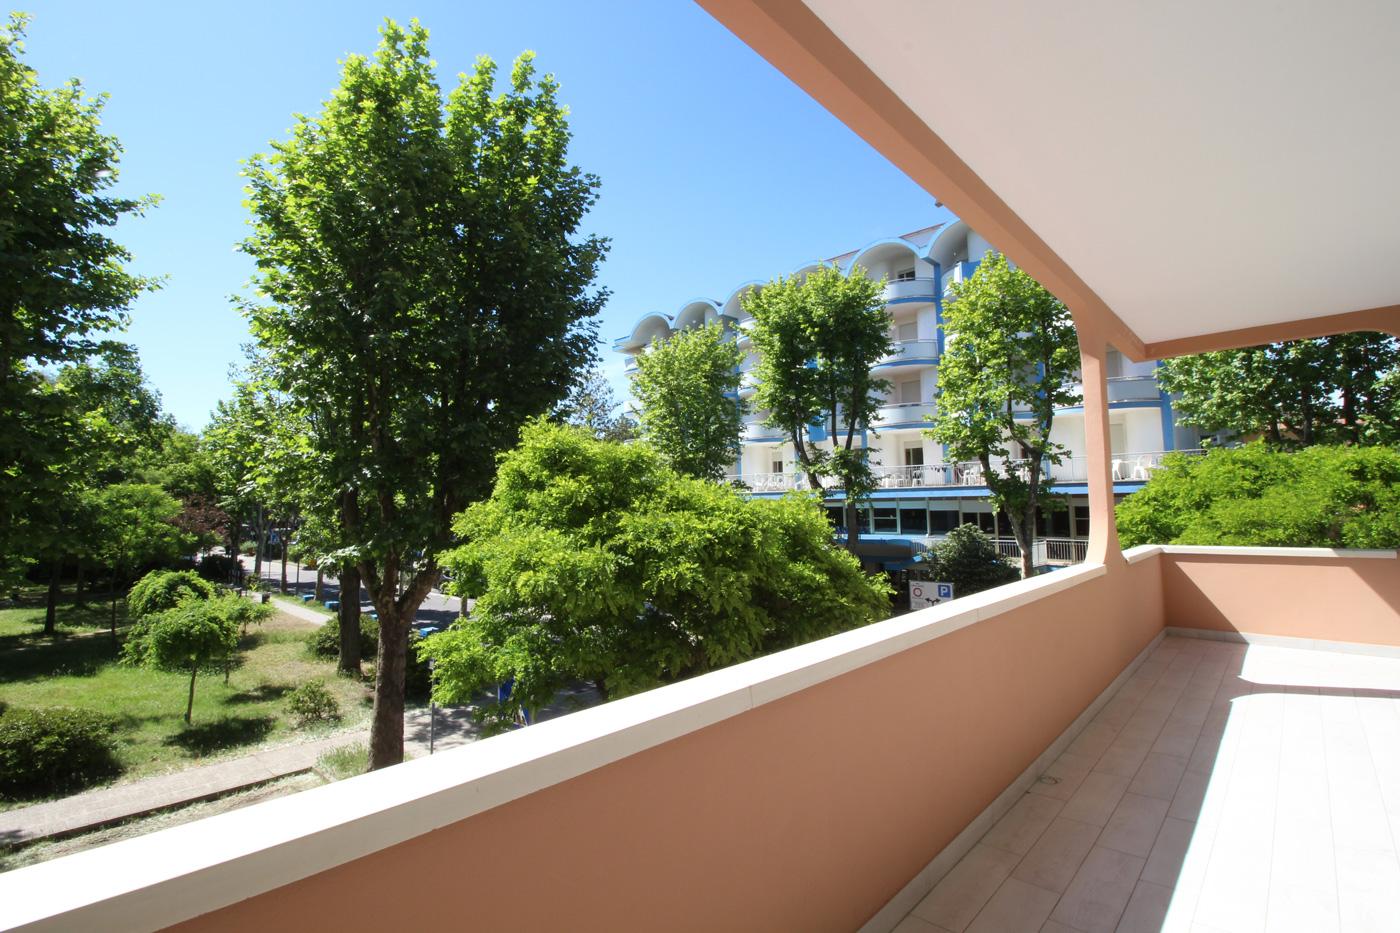 Appartemento al parco__IMG_7633_2